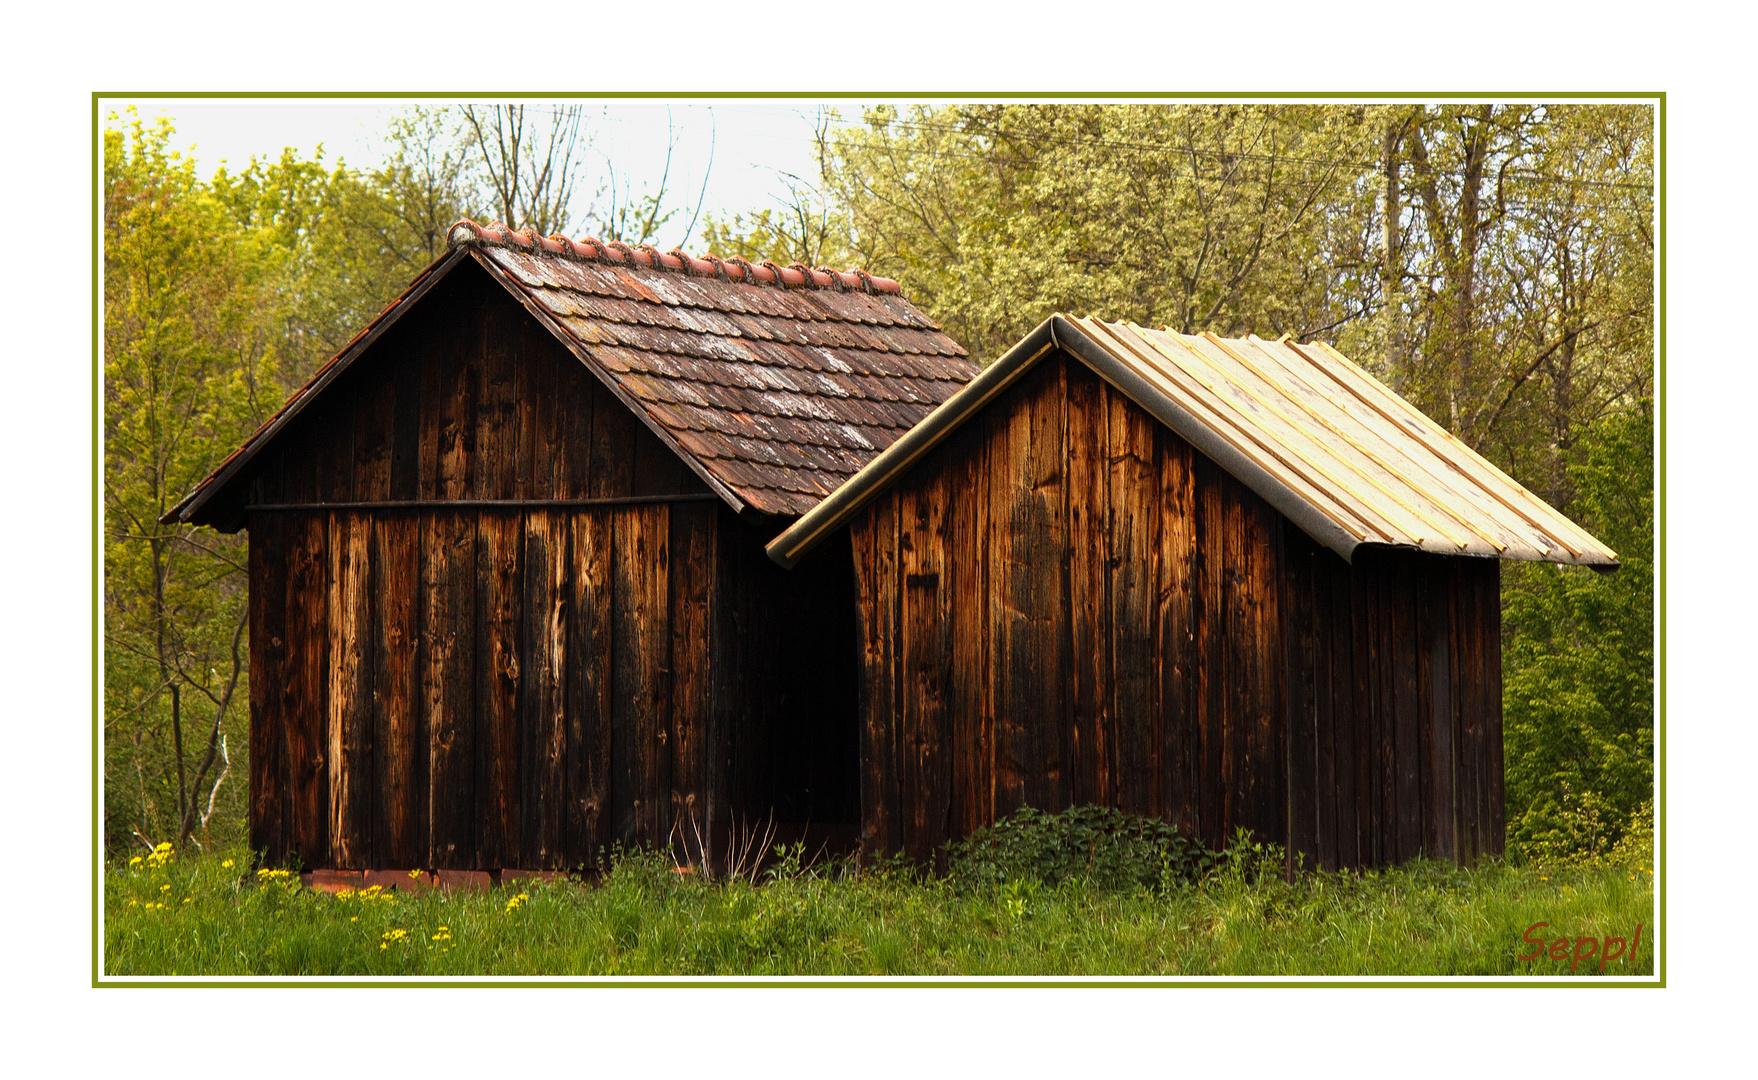 Holzhütten unter sich